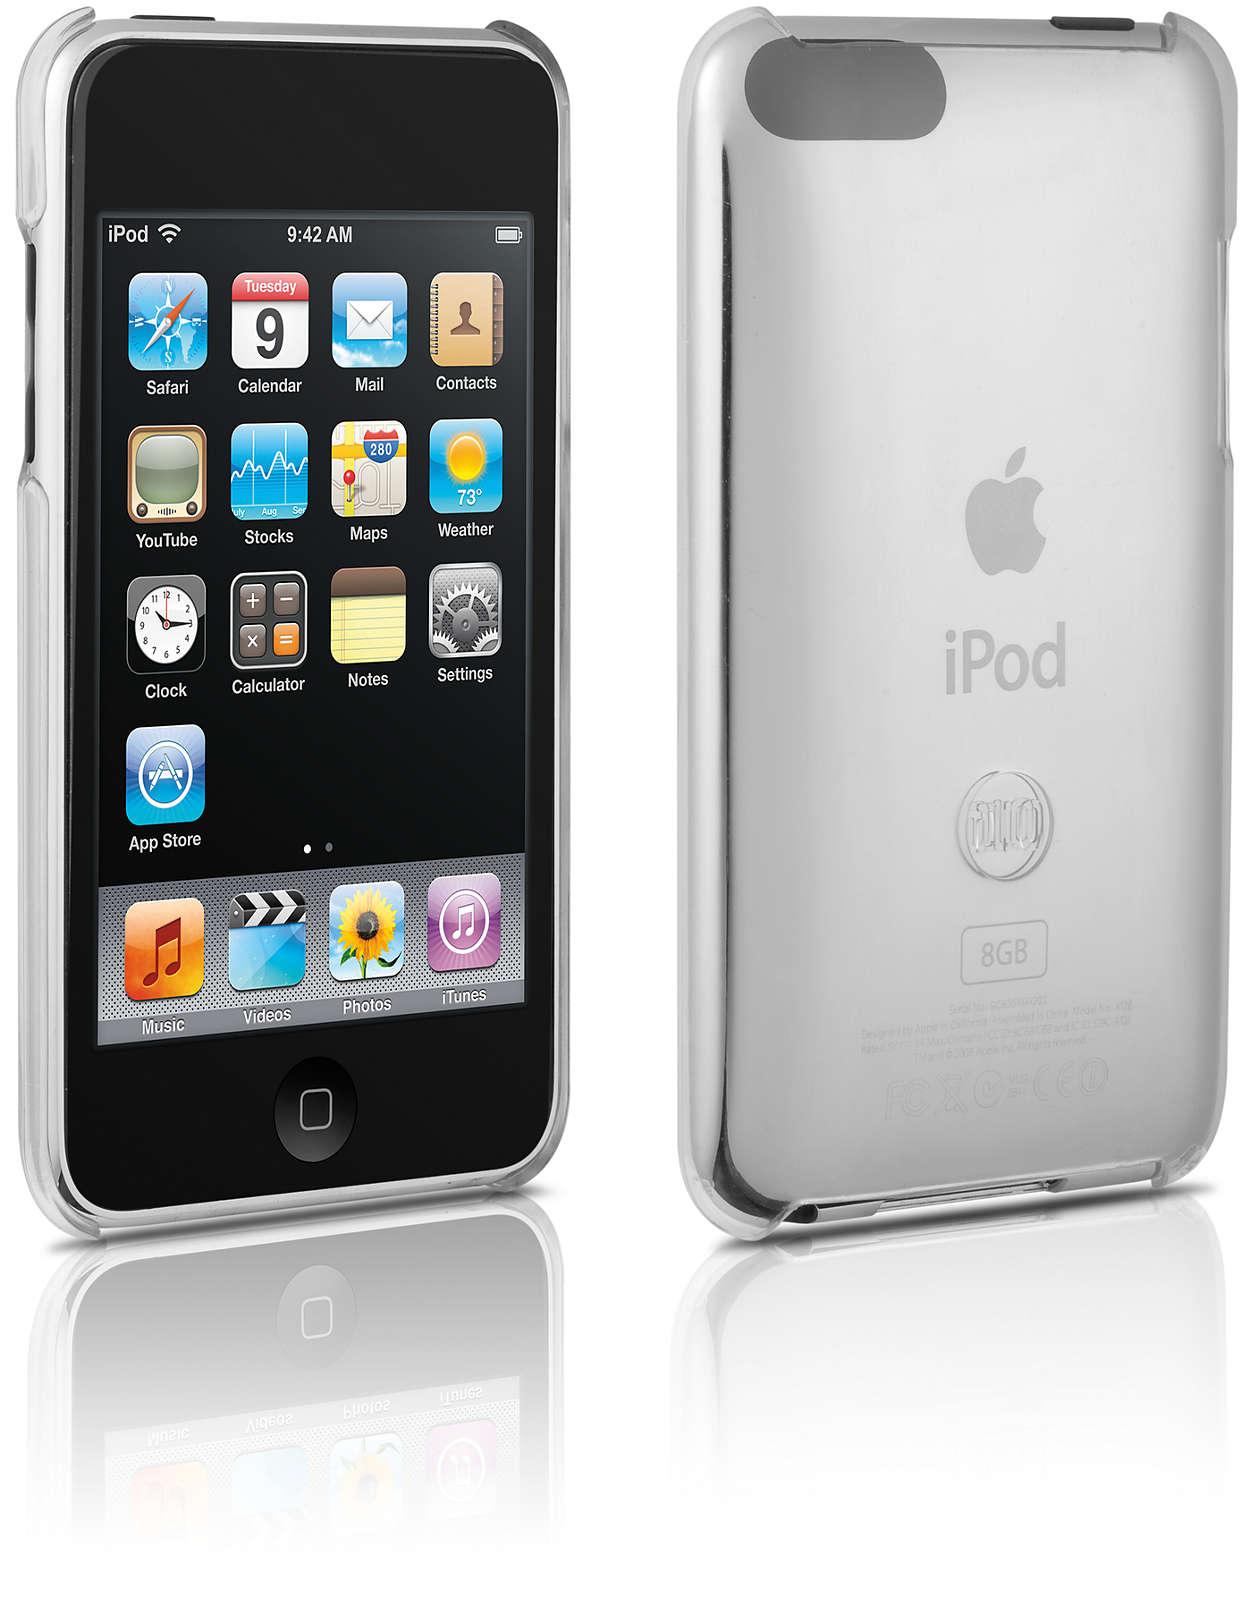 Protégez votre iPod dans un étui rigide